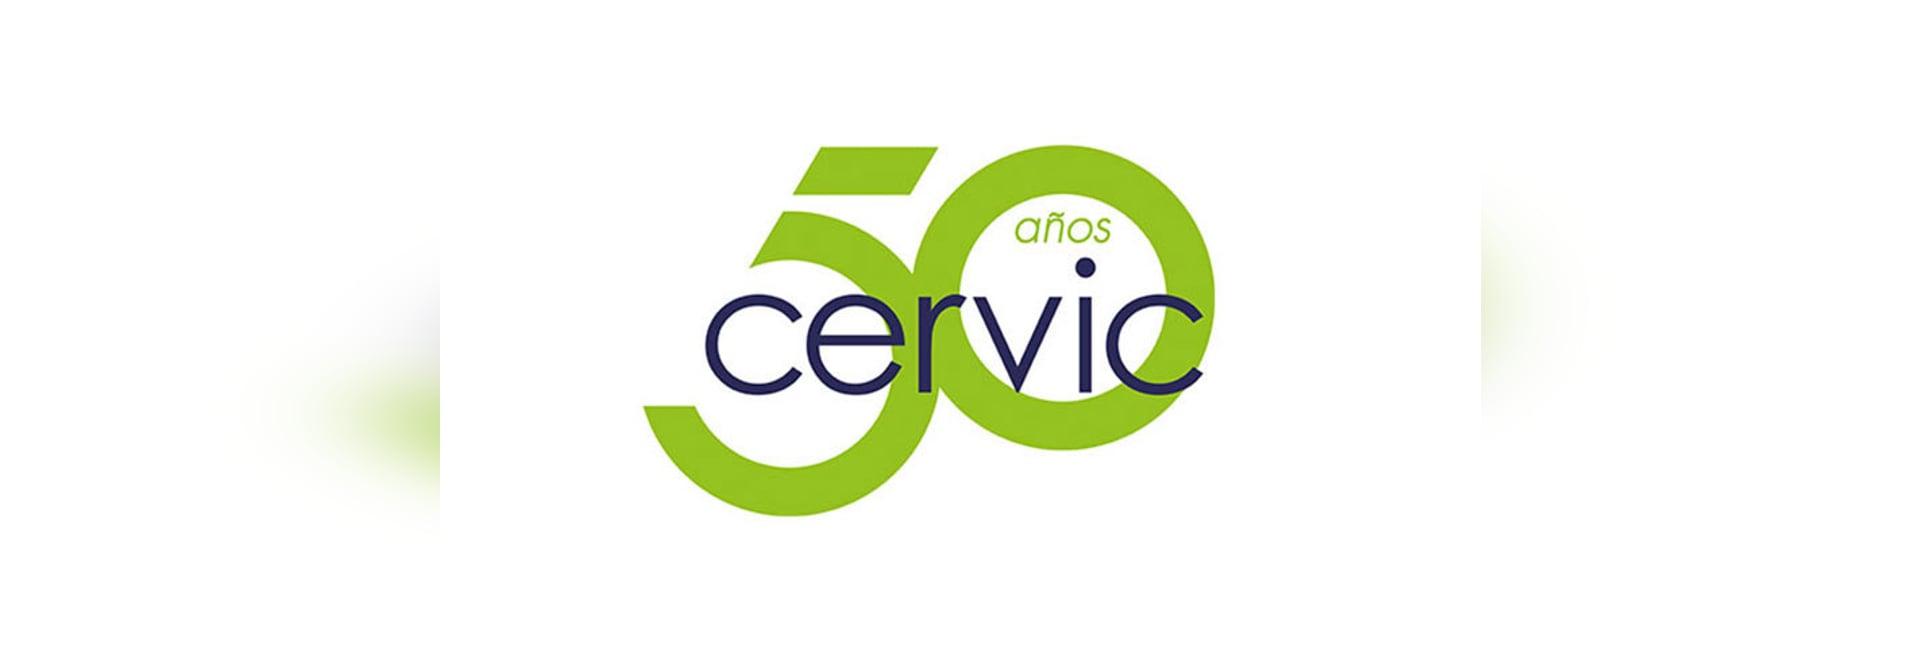 Cervic cumple 50 años